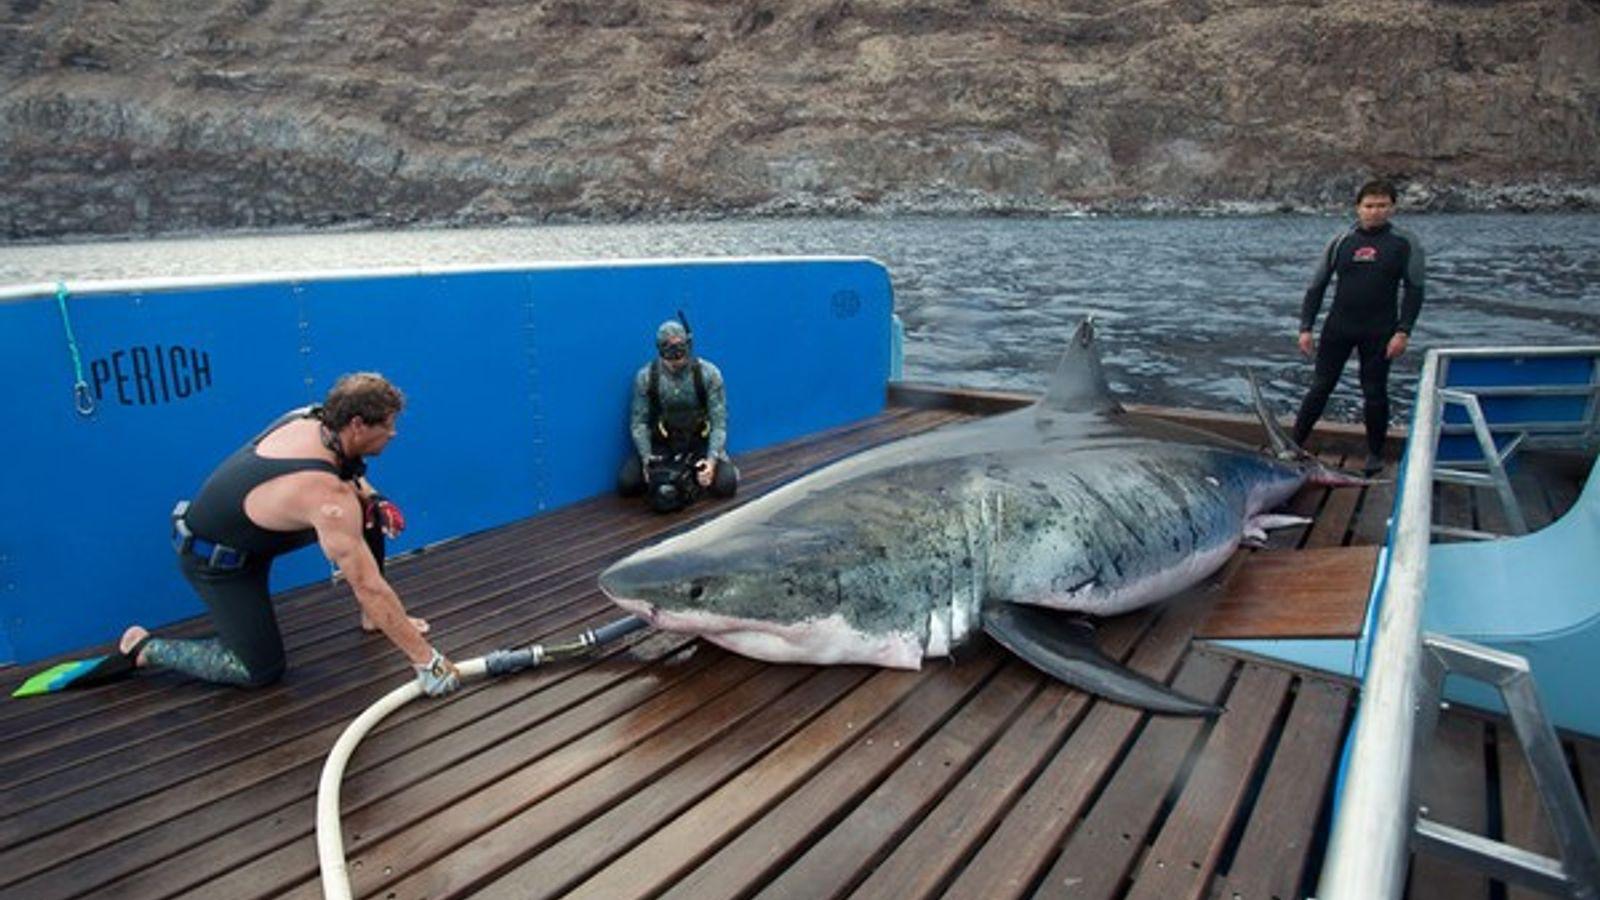 Liberado el gran tiburón blanco más grande jamás capturado